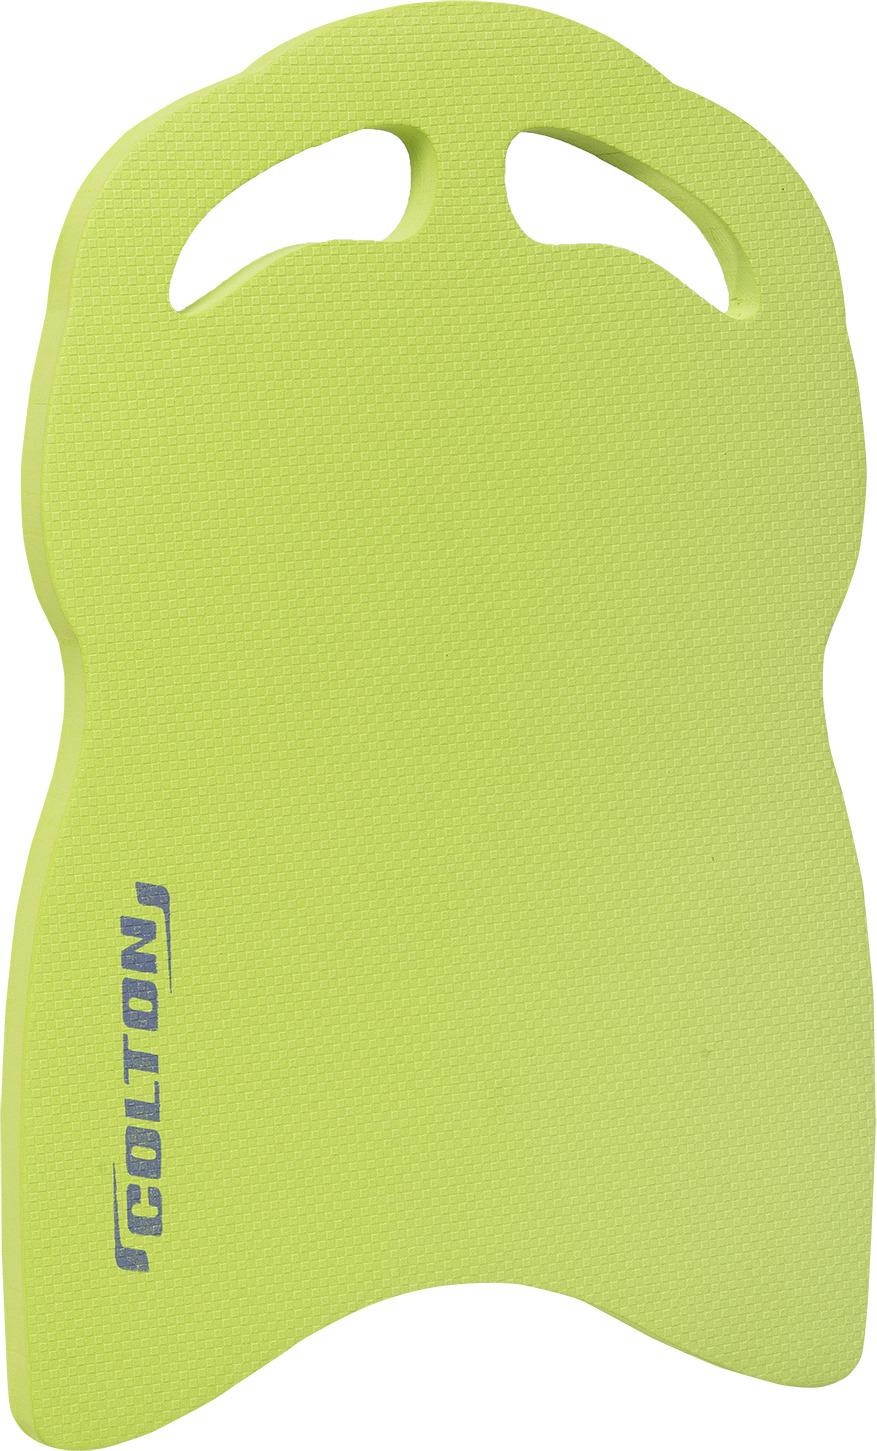 Доска для плавания Colton, цвет: зеленый. SB-102